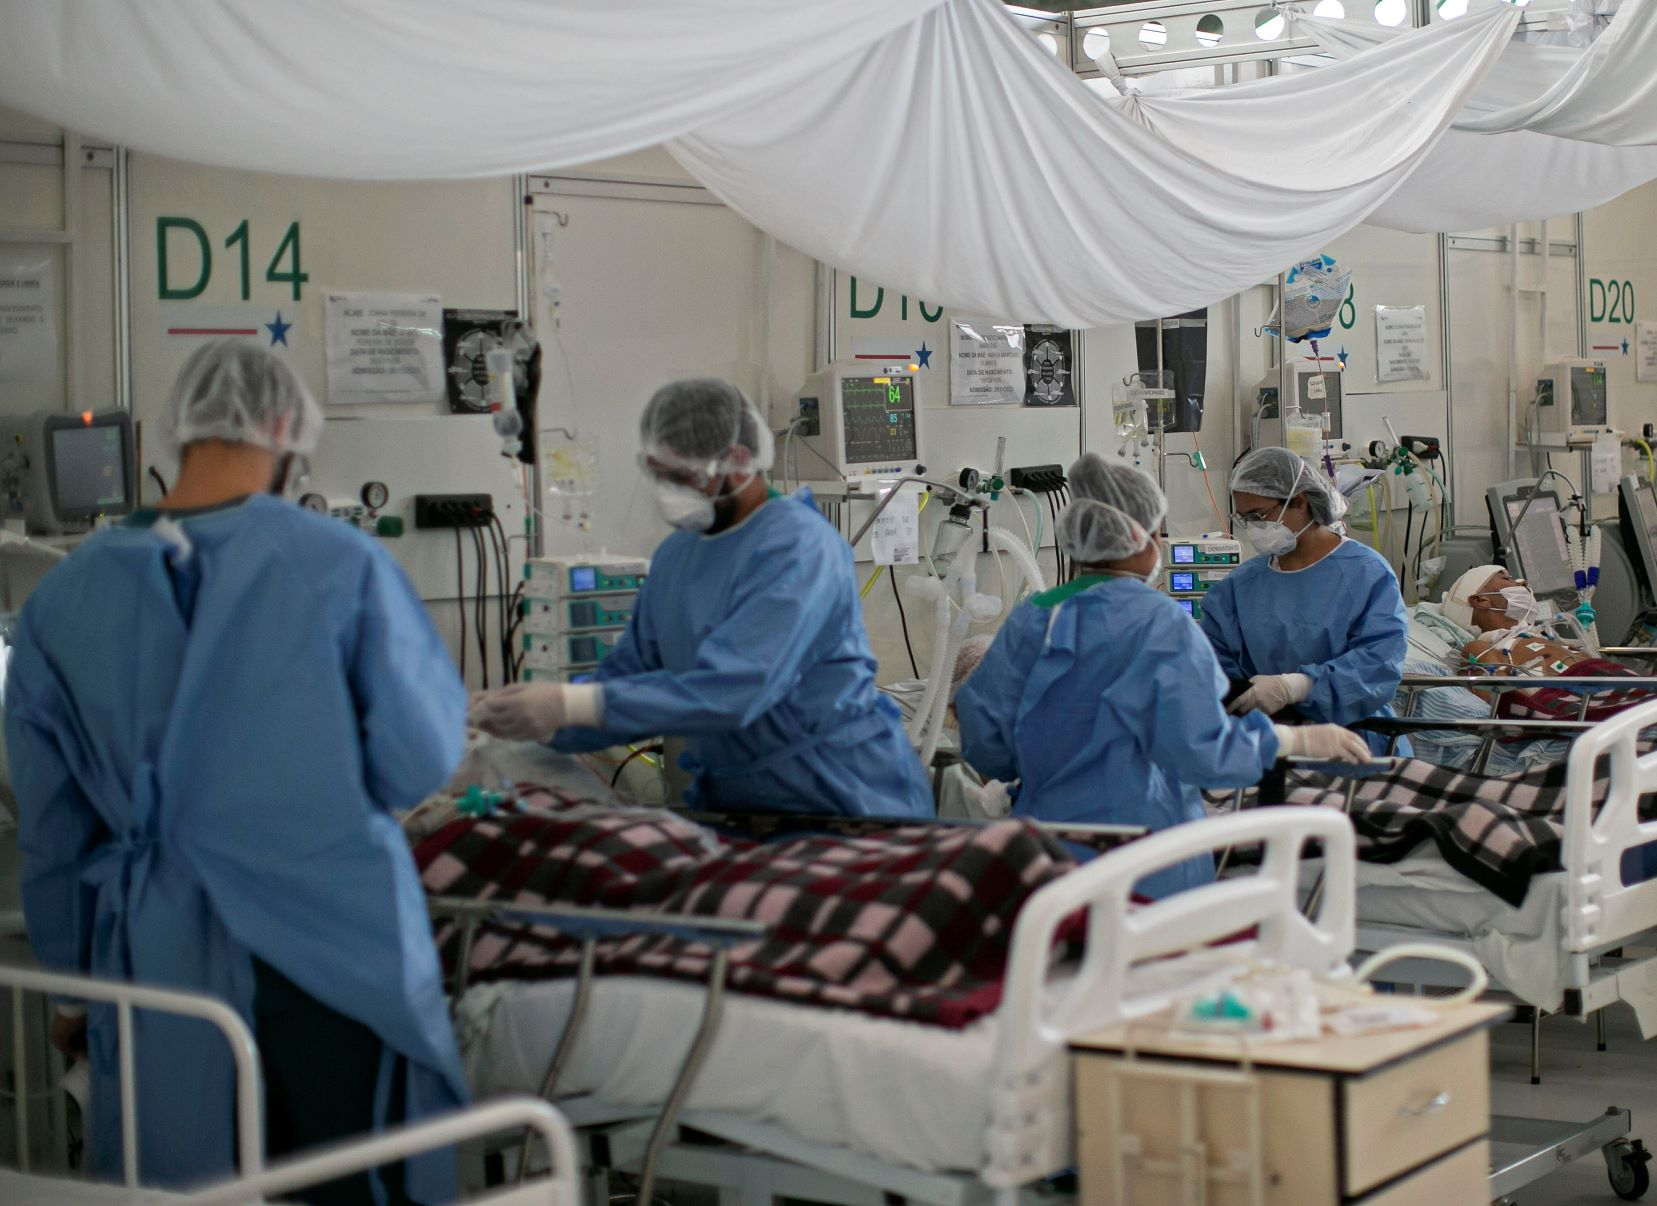 Profissionais de enfermagem atendem pacientes com covid-19 em hospital de Belém: sobrecarga de trabalho ainda maior durante a pandemia (Foto: Tarso Sarraf/AFP)